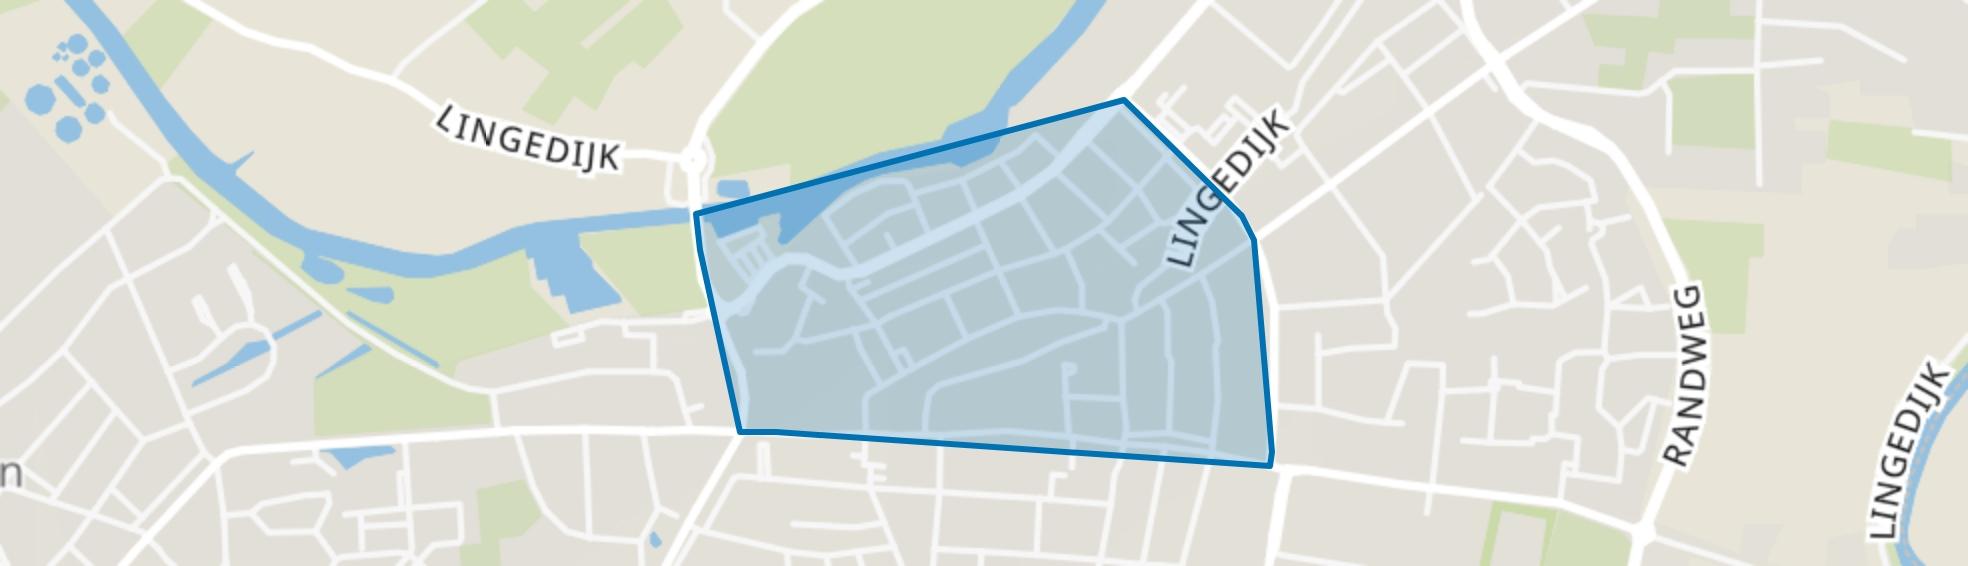 Geldermalsen Centrum, Geldermalsen map